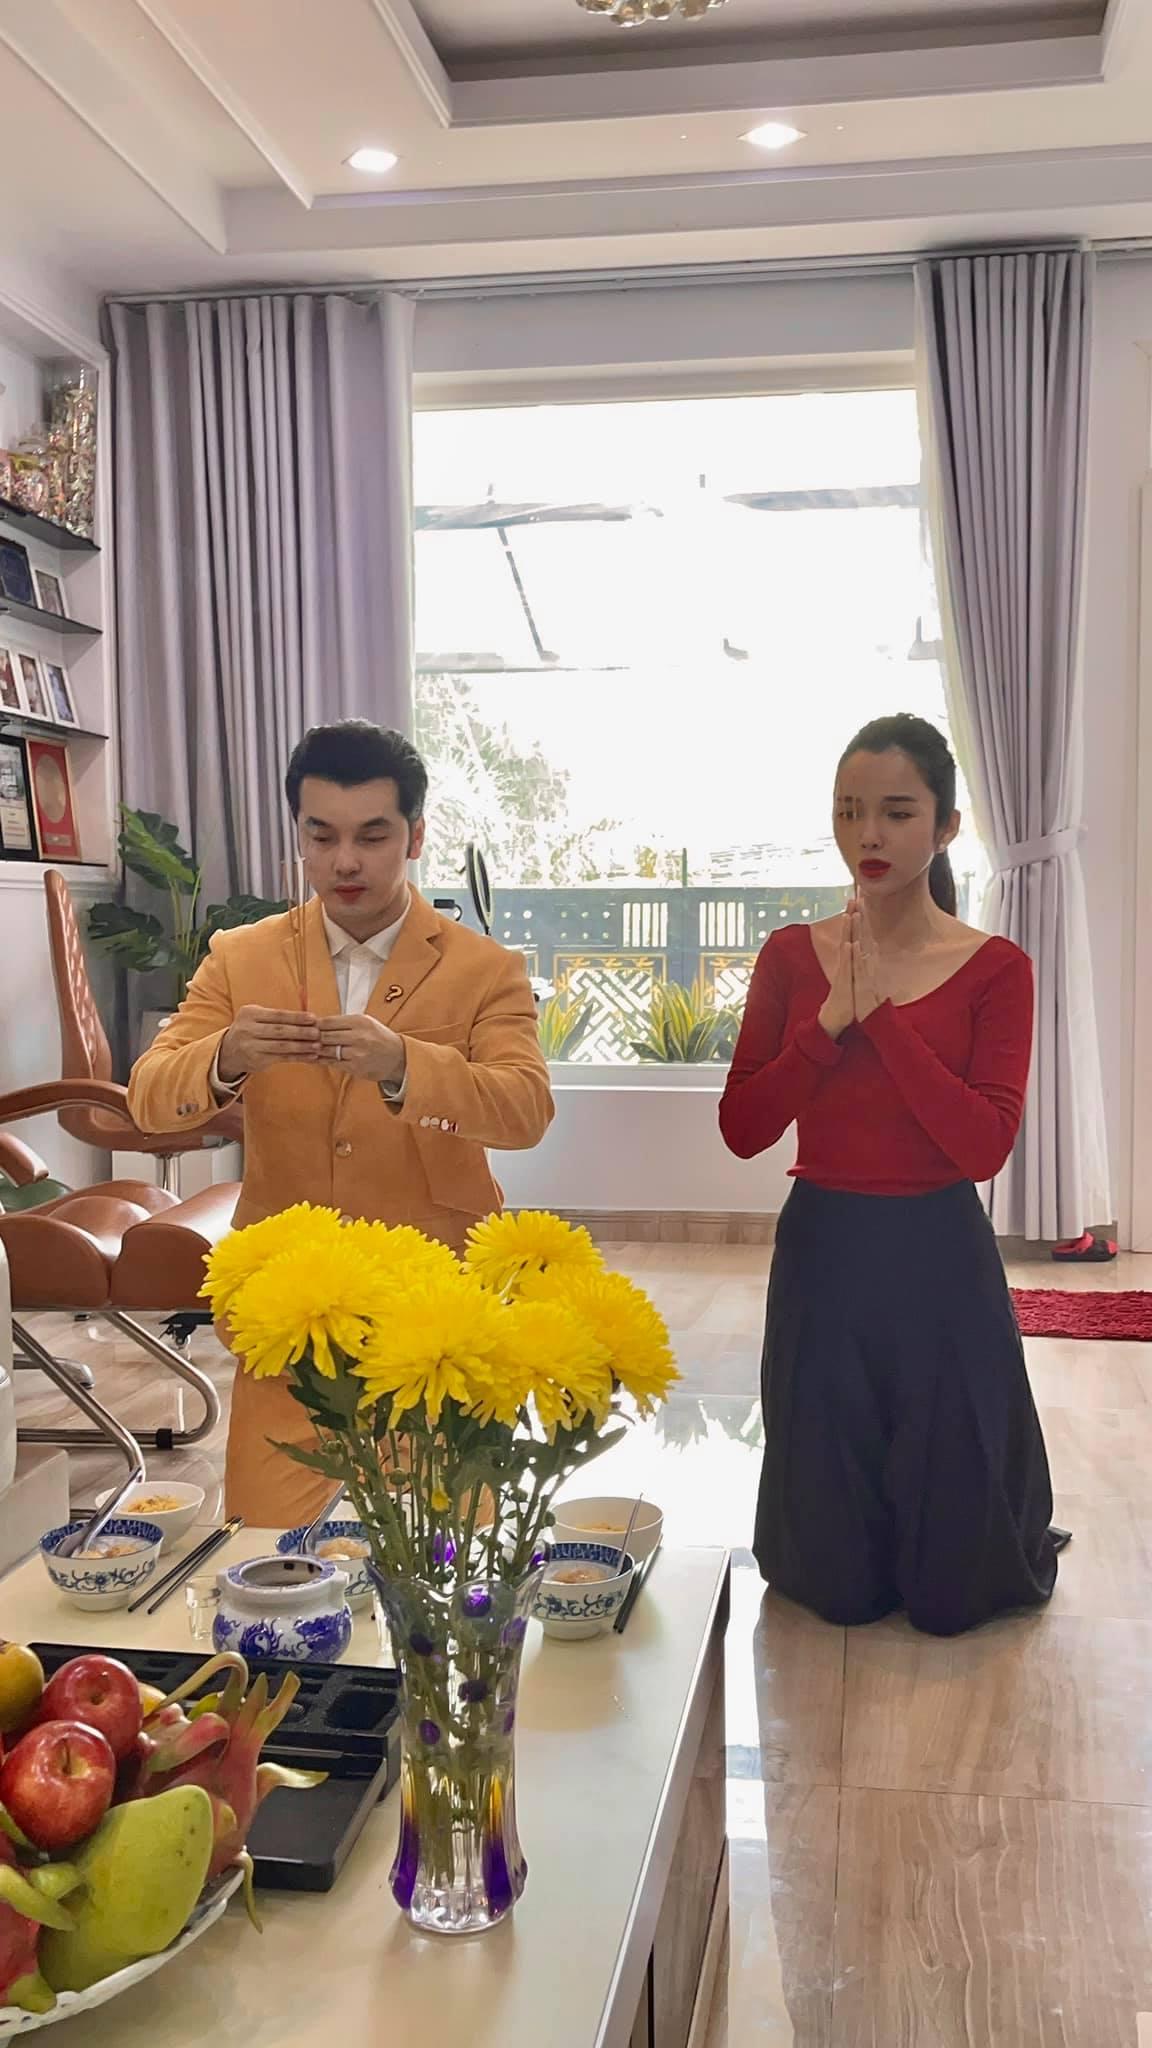 Cúng giỗ Tổ tại nhà, ca sĩ Ưng Hoàng Phúc và vợ - người mẫu, diễn viên Kim Cương vẫn ăn mặc rất chỉnh tề. Anh nói  mỗi năm đây là dịp để bản thân tự nhắc nhớ có thêm 1 năm làm nghề, được mang giọng hát phục vụ khán giả gần xa.